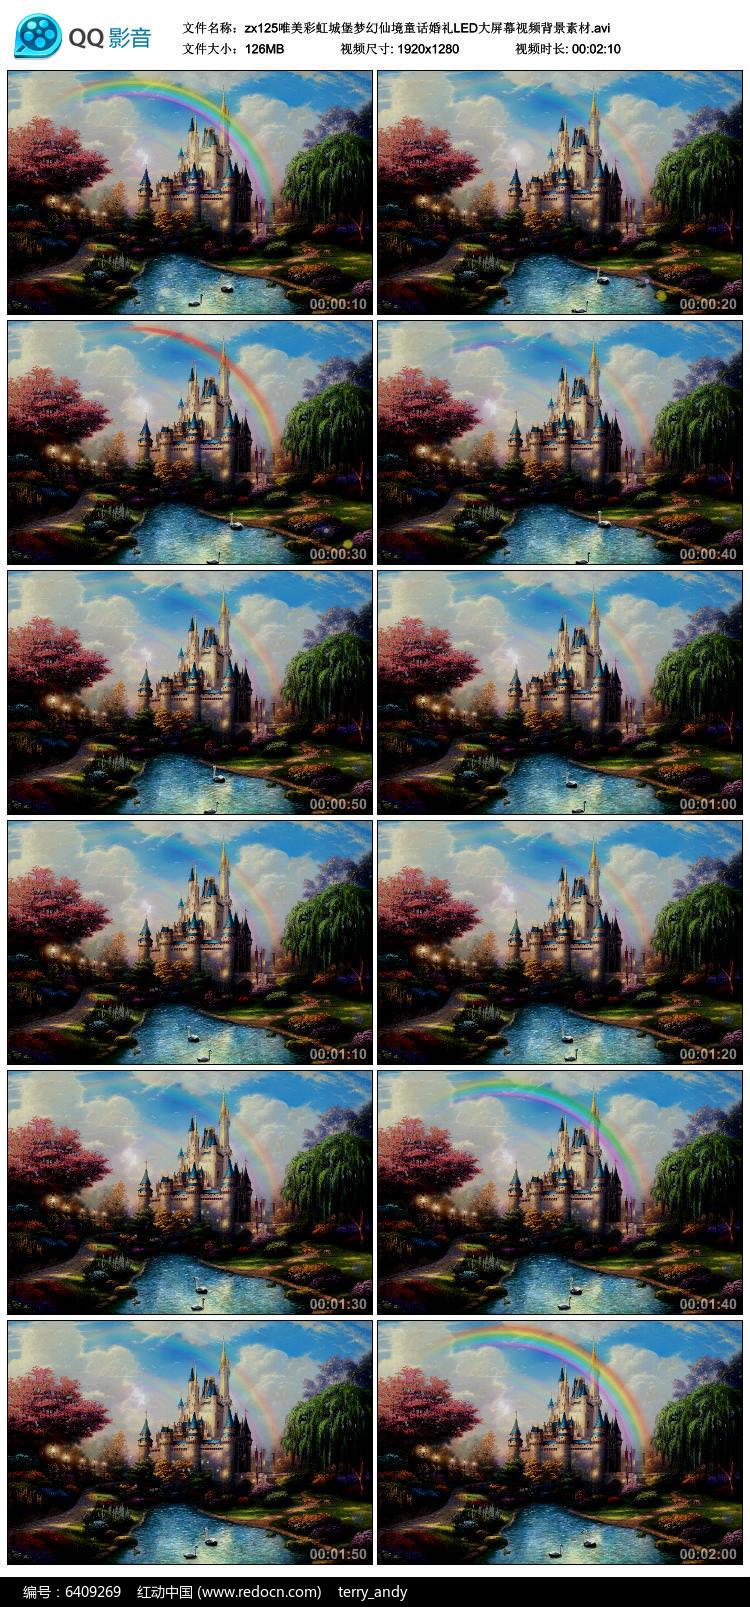 唯美彩虹城堡梦幻仙境童话婚礼背景素材图片